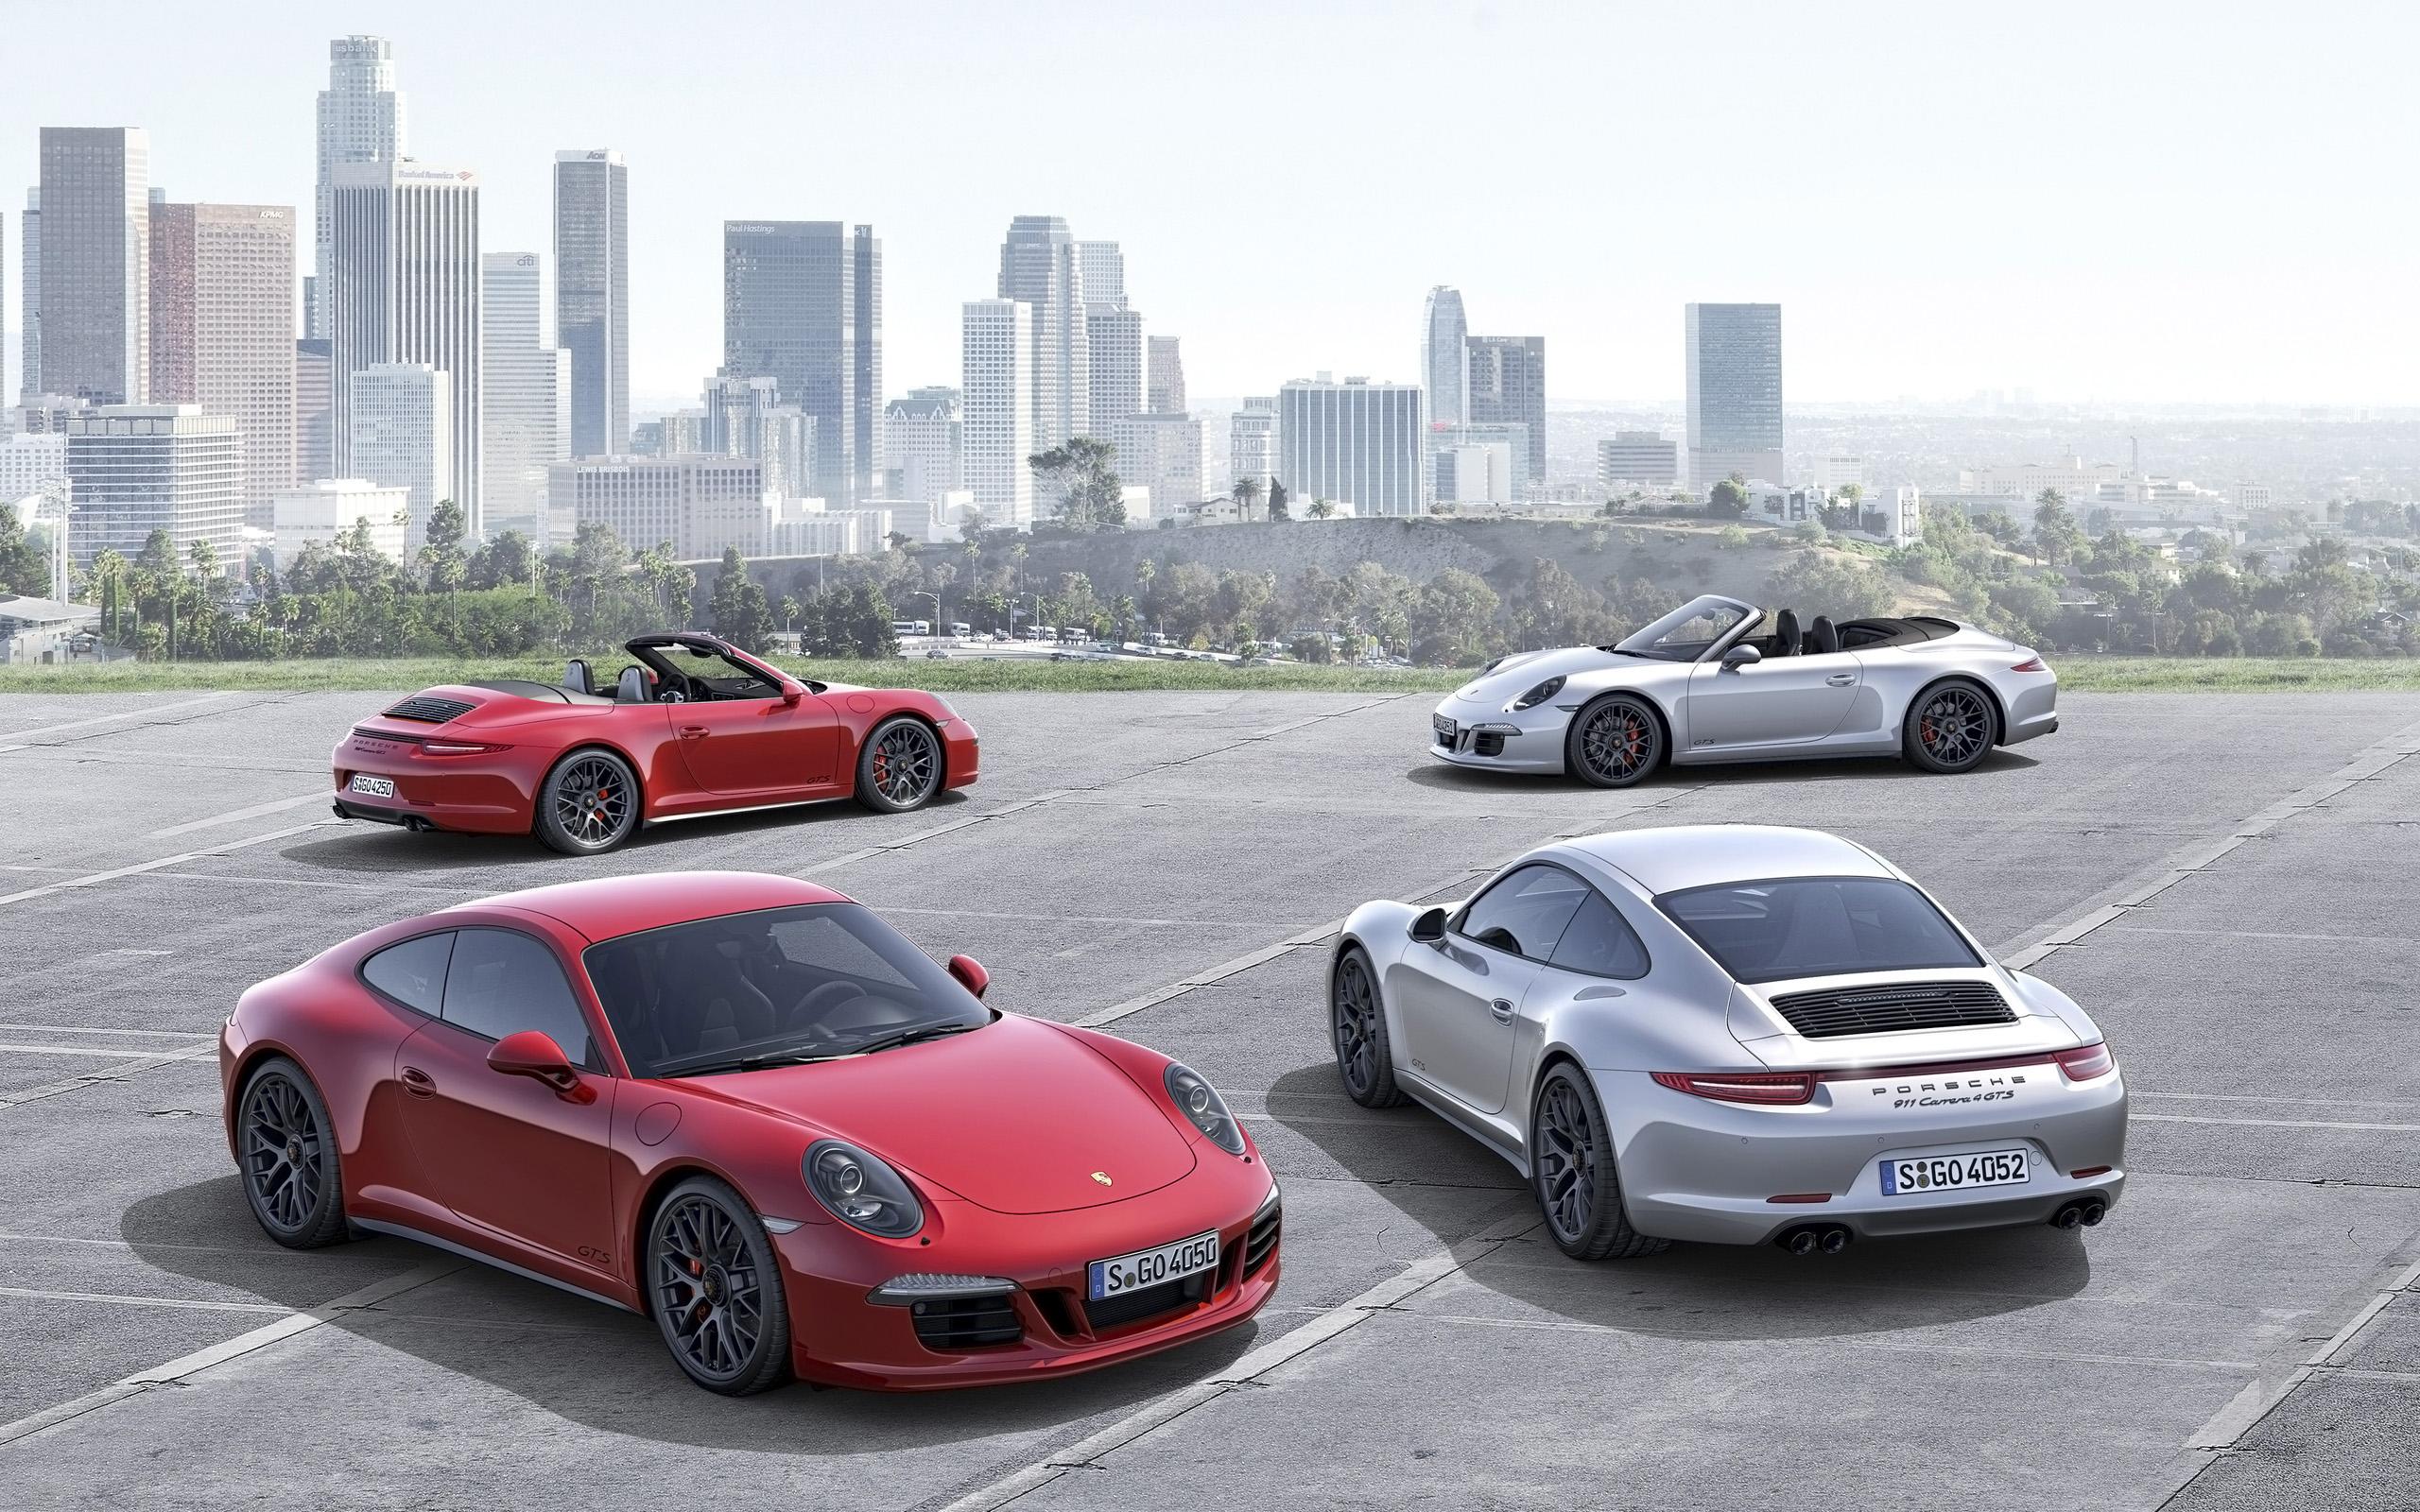 911 clipart wallpaper. Porsche gts wallpapers wide